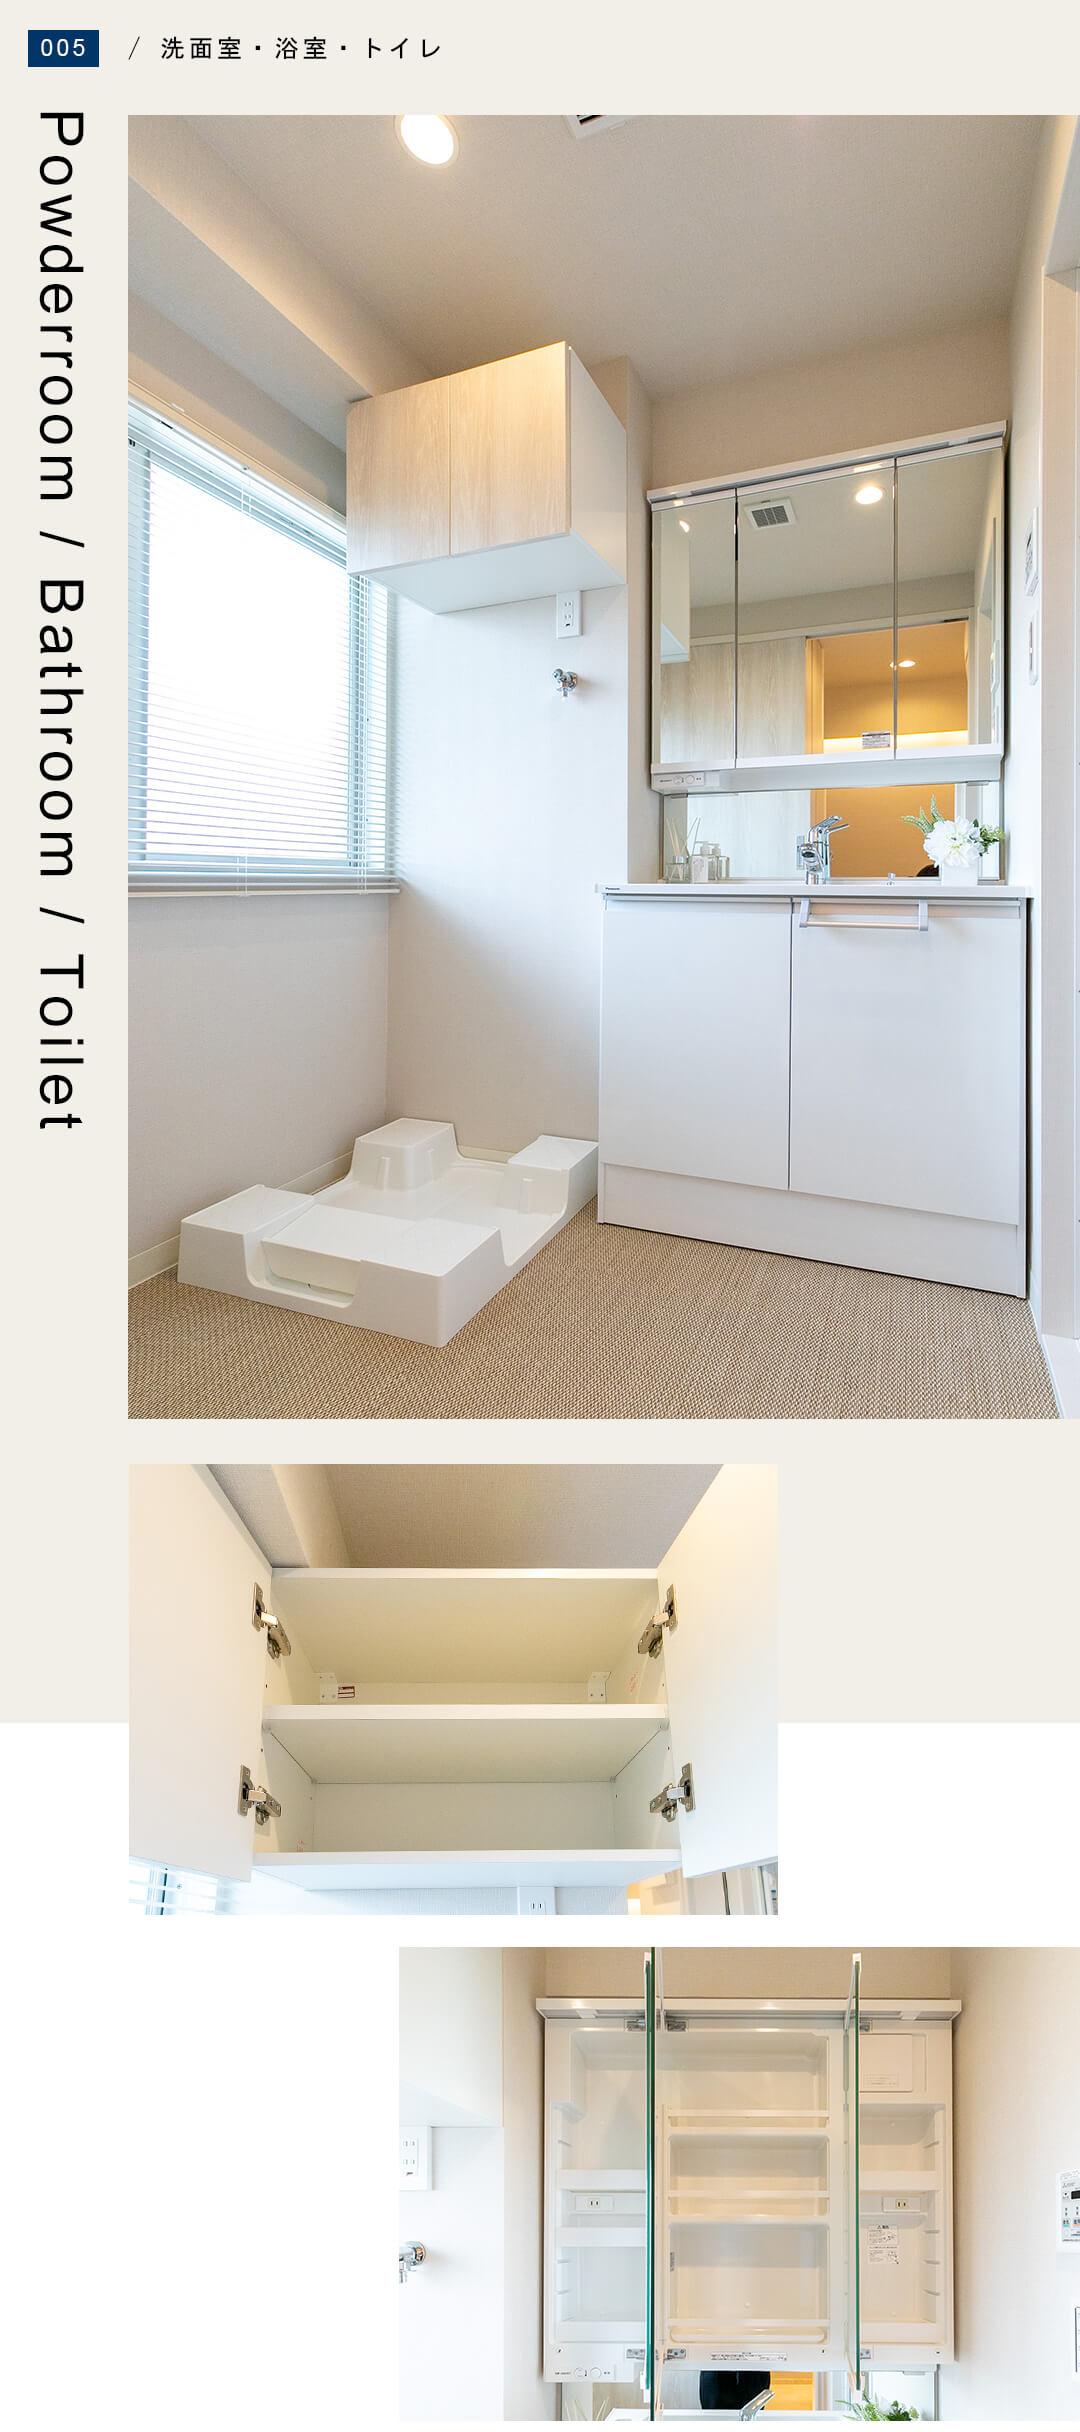 ライオンズマンション学芸大学の洗面室